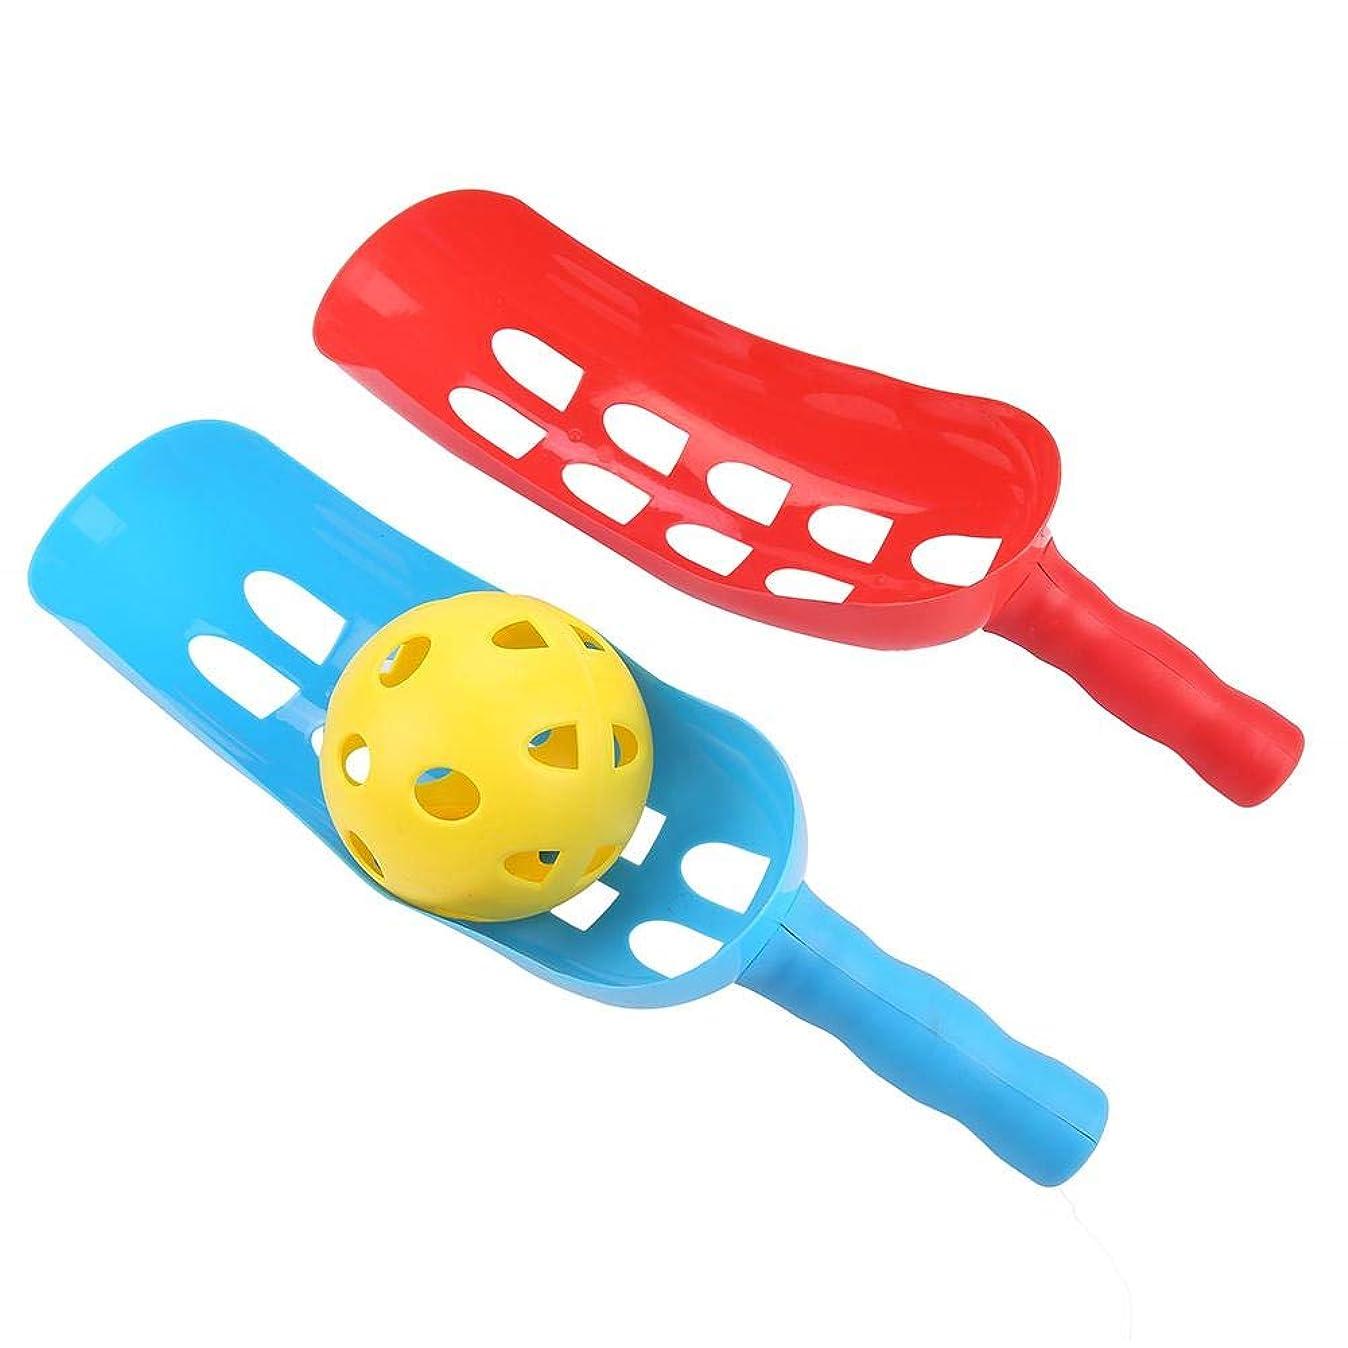 飼いならすそのようなホームキャッチボール トラックボール 省力 滑り止め 安全性 ストレス解消 屋内 屋外 スポーツ アウトドア おもちゃ 玩具